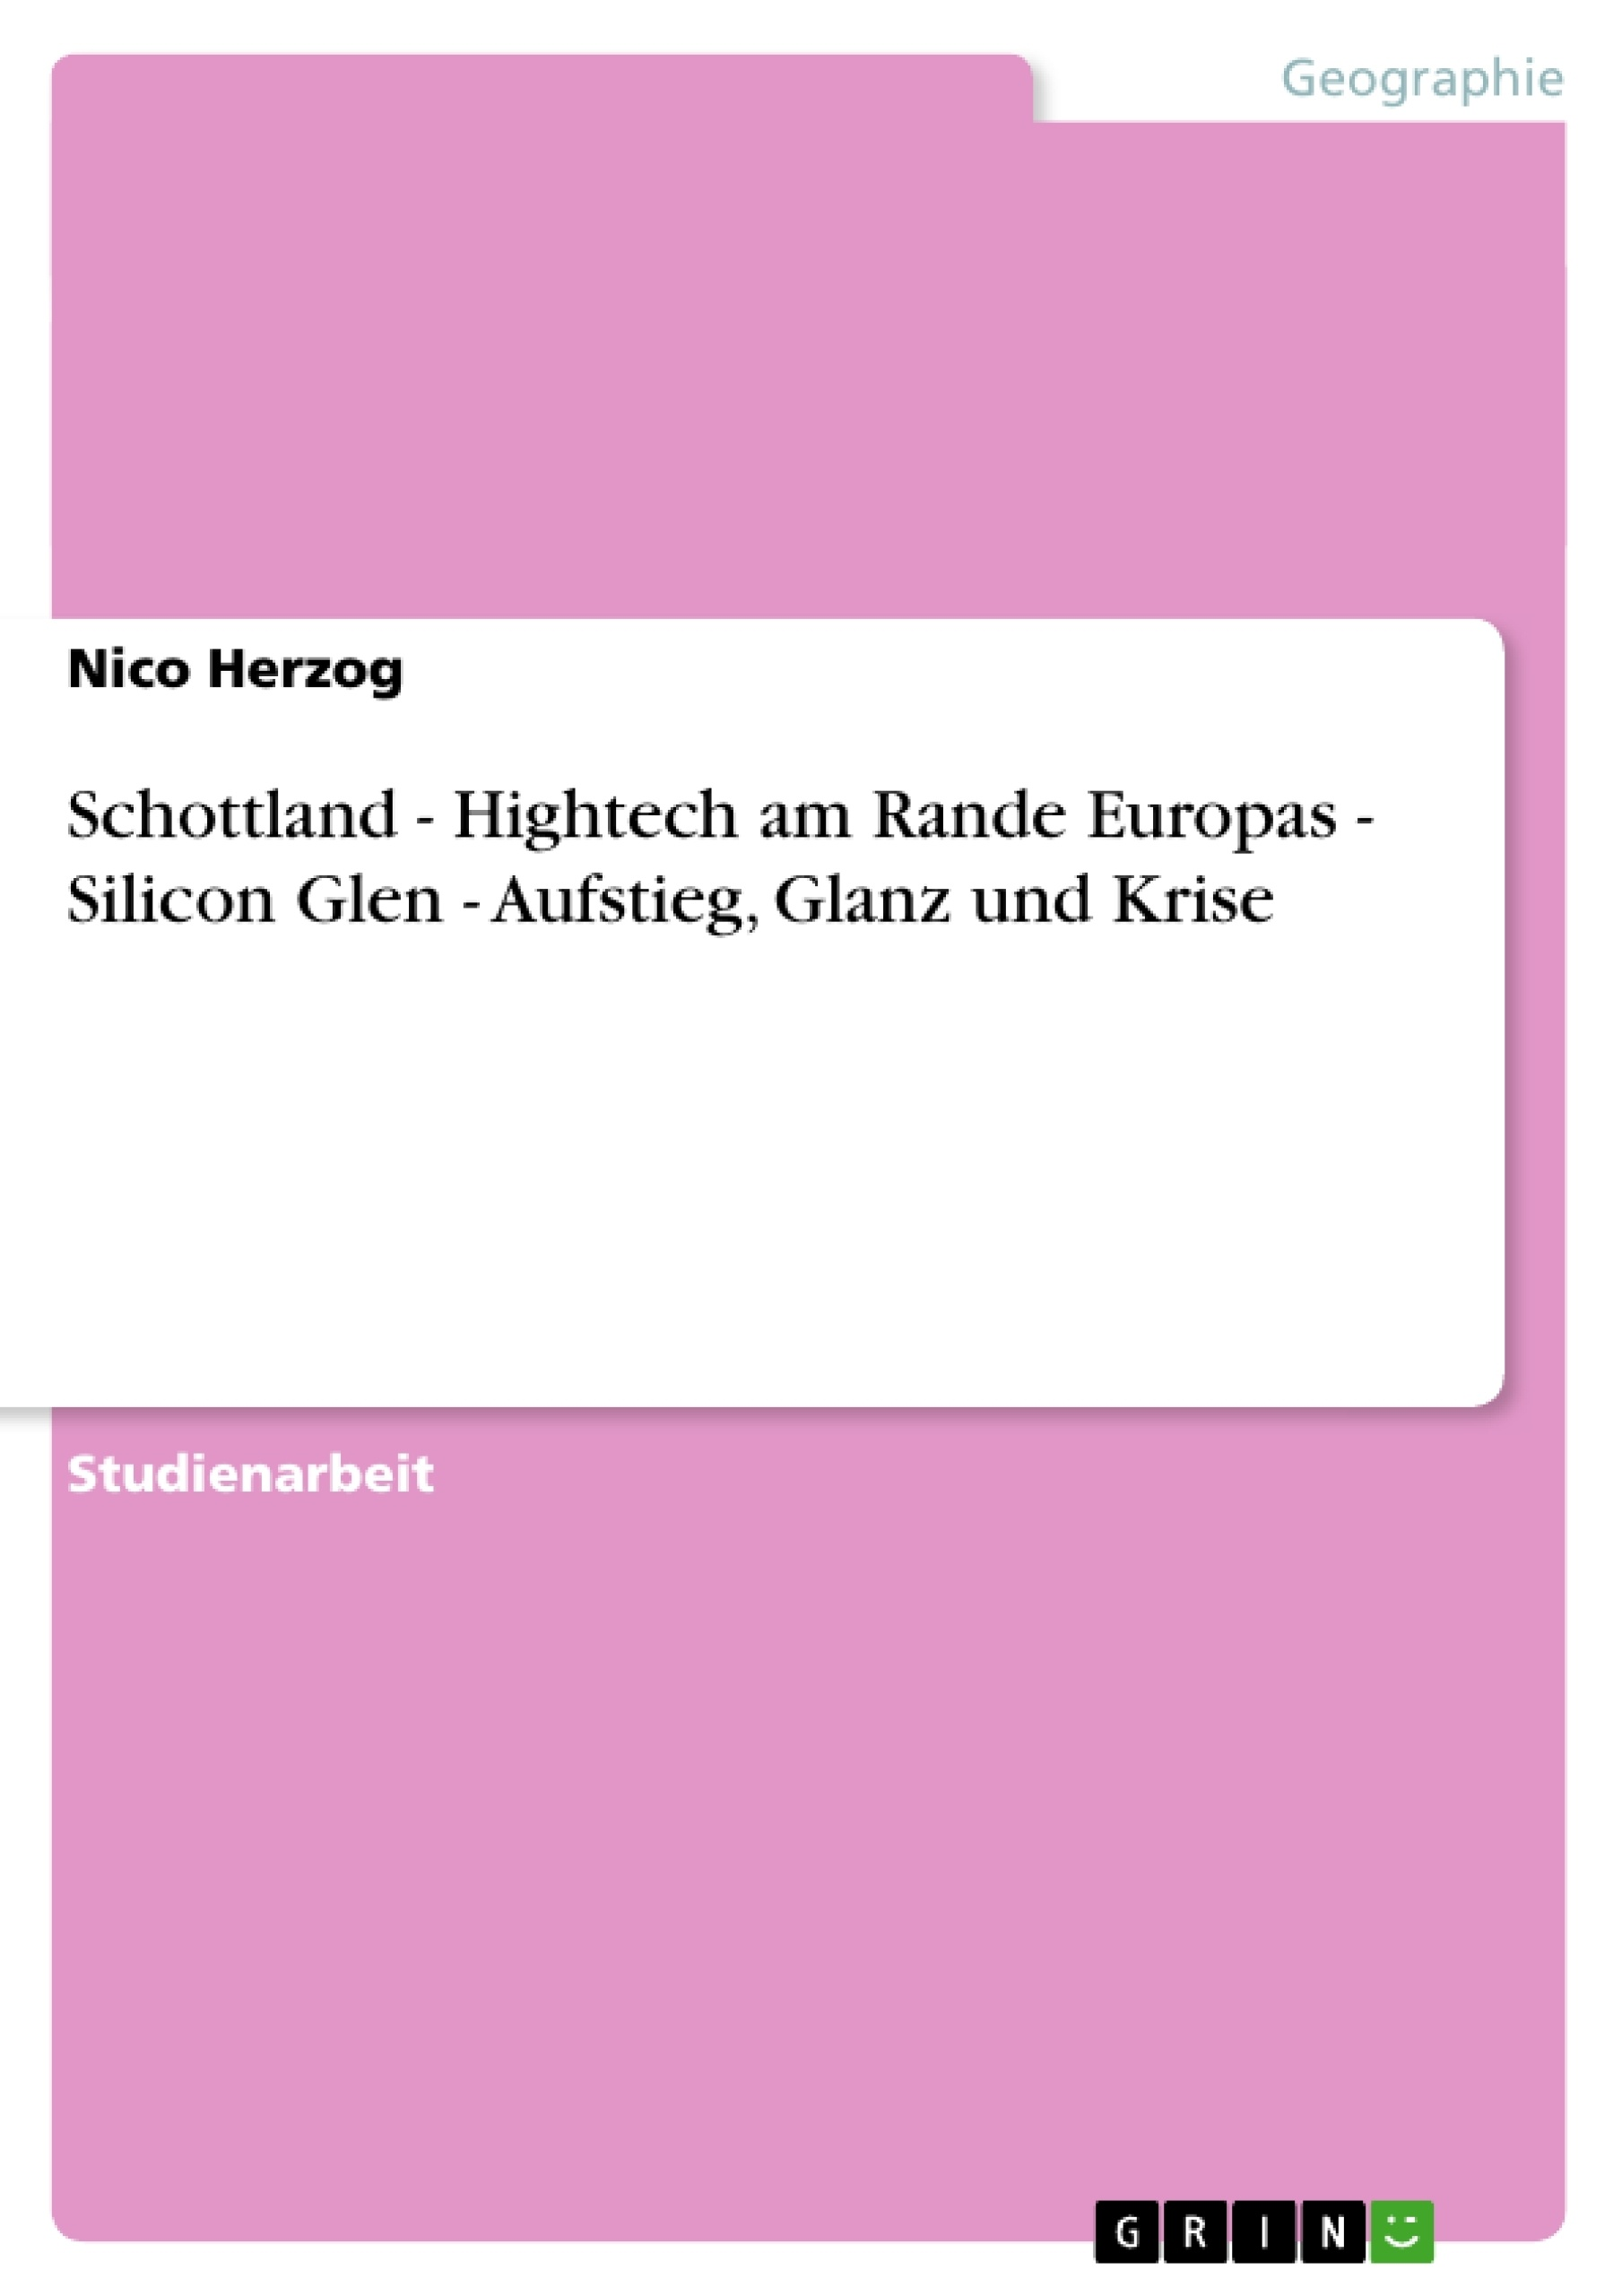 Titel: Schottland - Hightech am Rande Europas - Silicon Glen - Aufstieg, Glanz und Krise